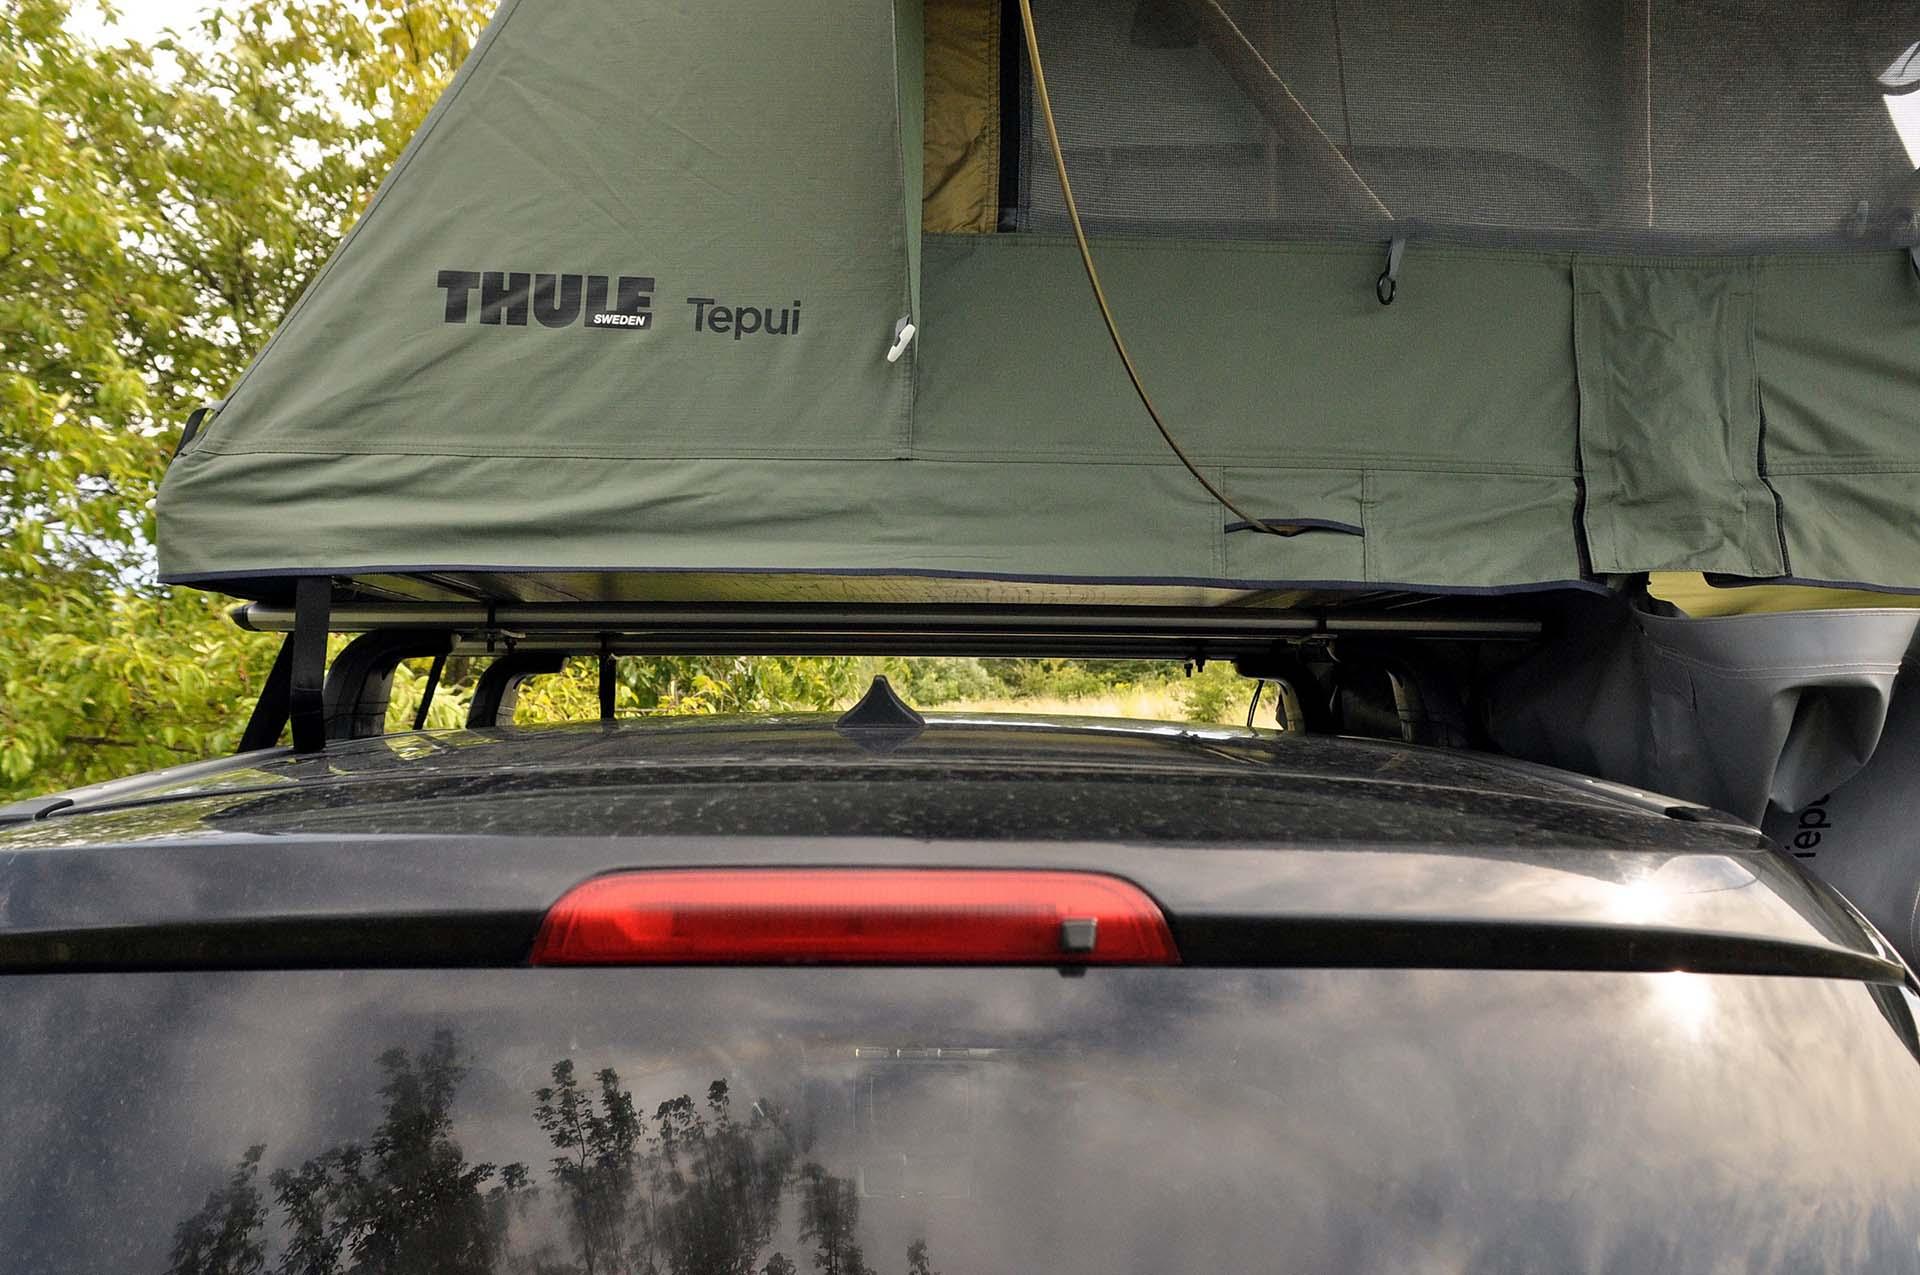 Hátamon a házam - Thule Tepui Kukeman 3 autós tetősátorteszt-18